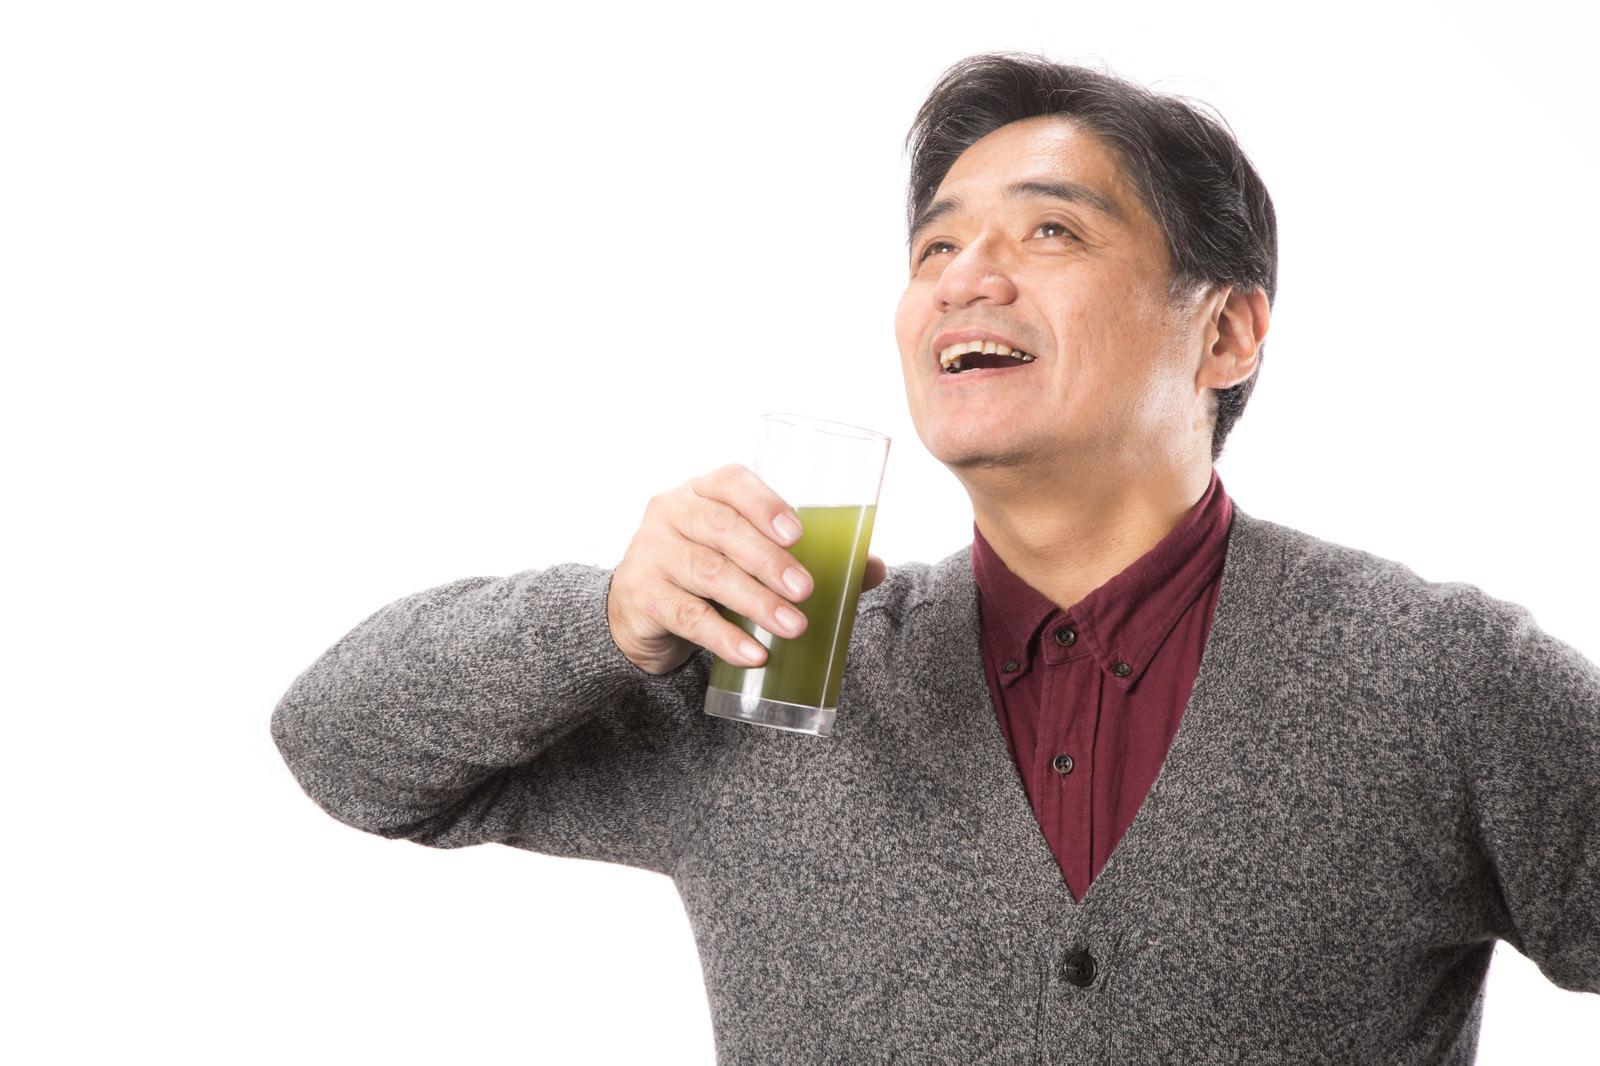 「青汁を飲むことが日課のお父さん青汁を飲むことが日課のお父さん」[モデル:よたか]のフリー写真素材を拡大